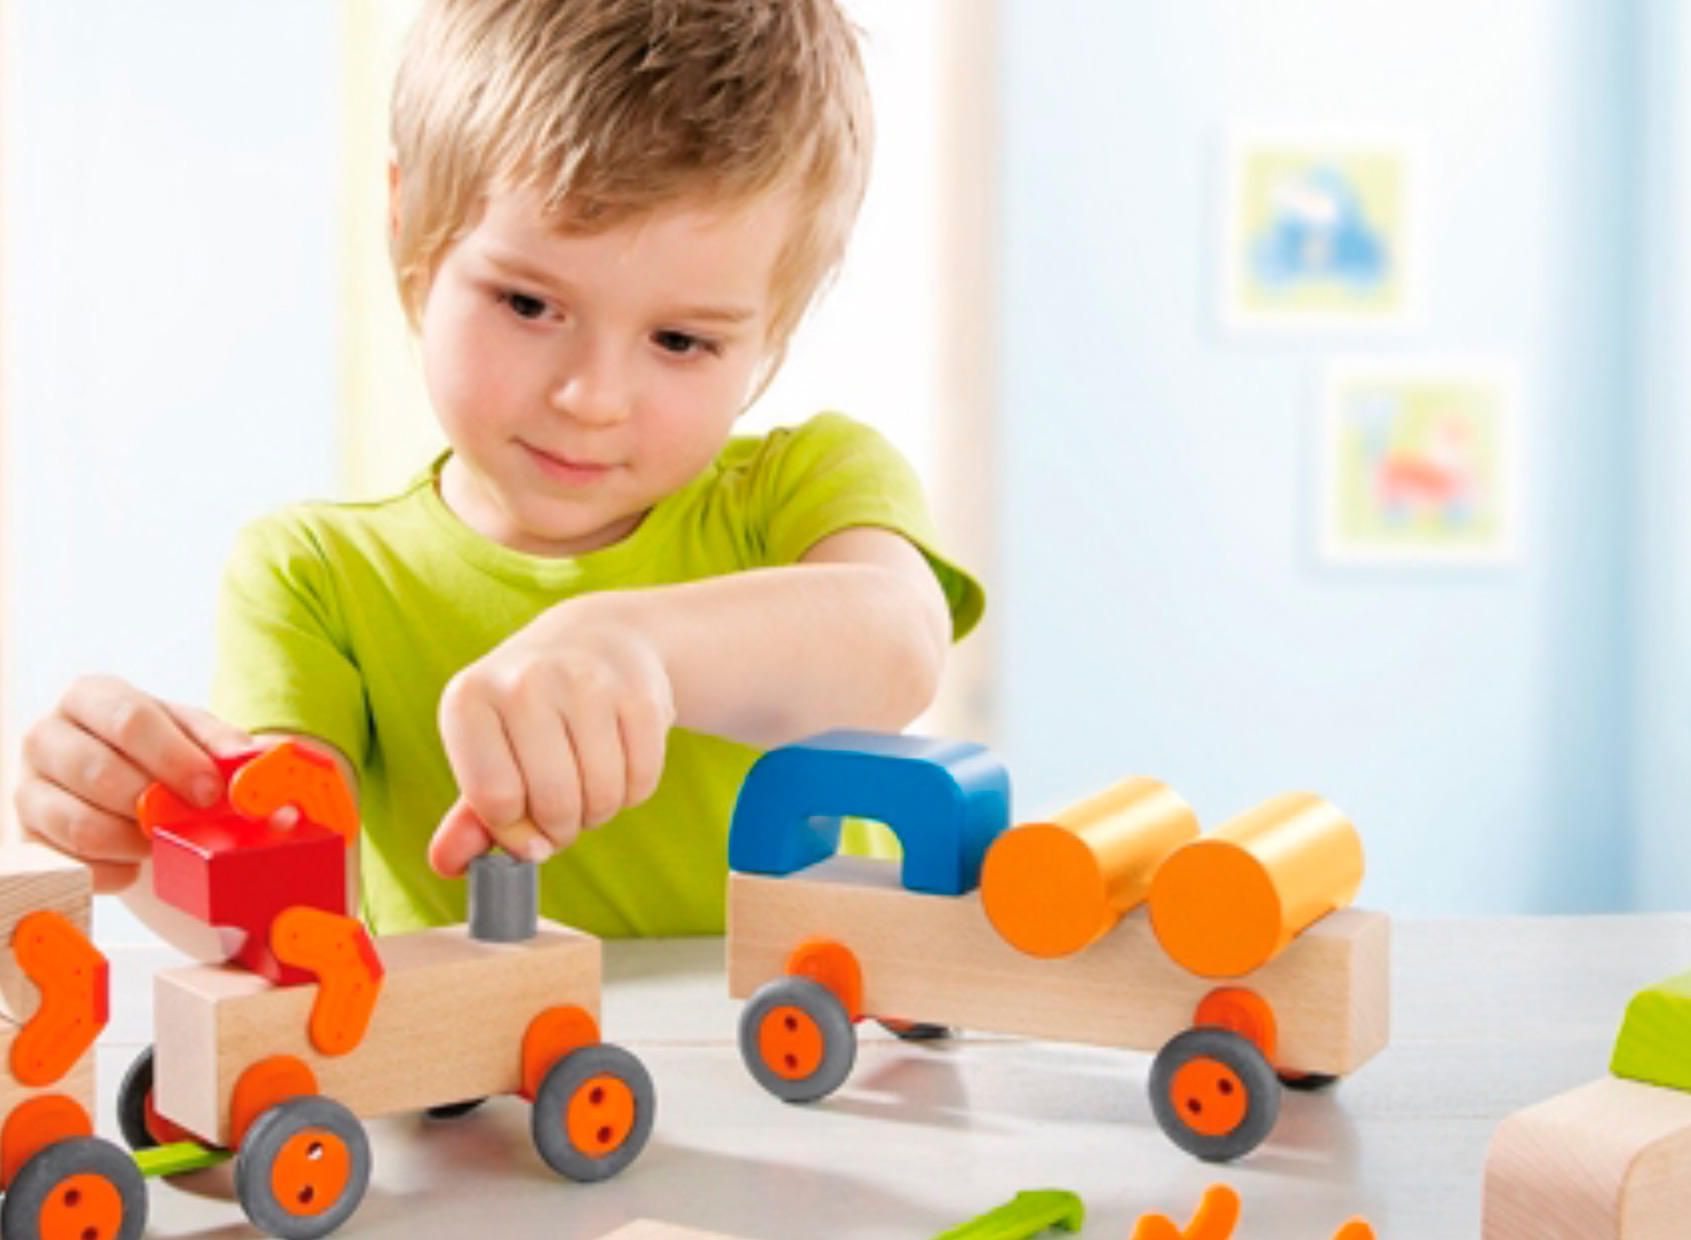 Іграшки – цікава та мила дрібниця і водночас необхідний для розвитку дитини  інструмент. До вибору дитячих іграшок потрібно віднестись серйозно 0ed49e287f420